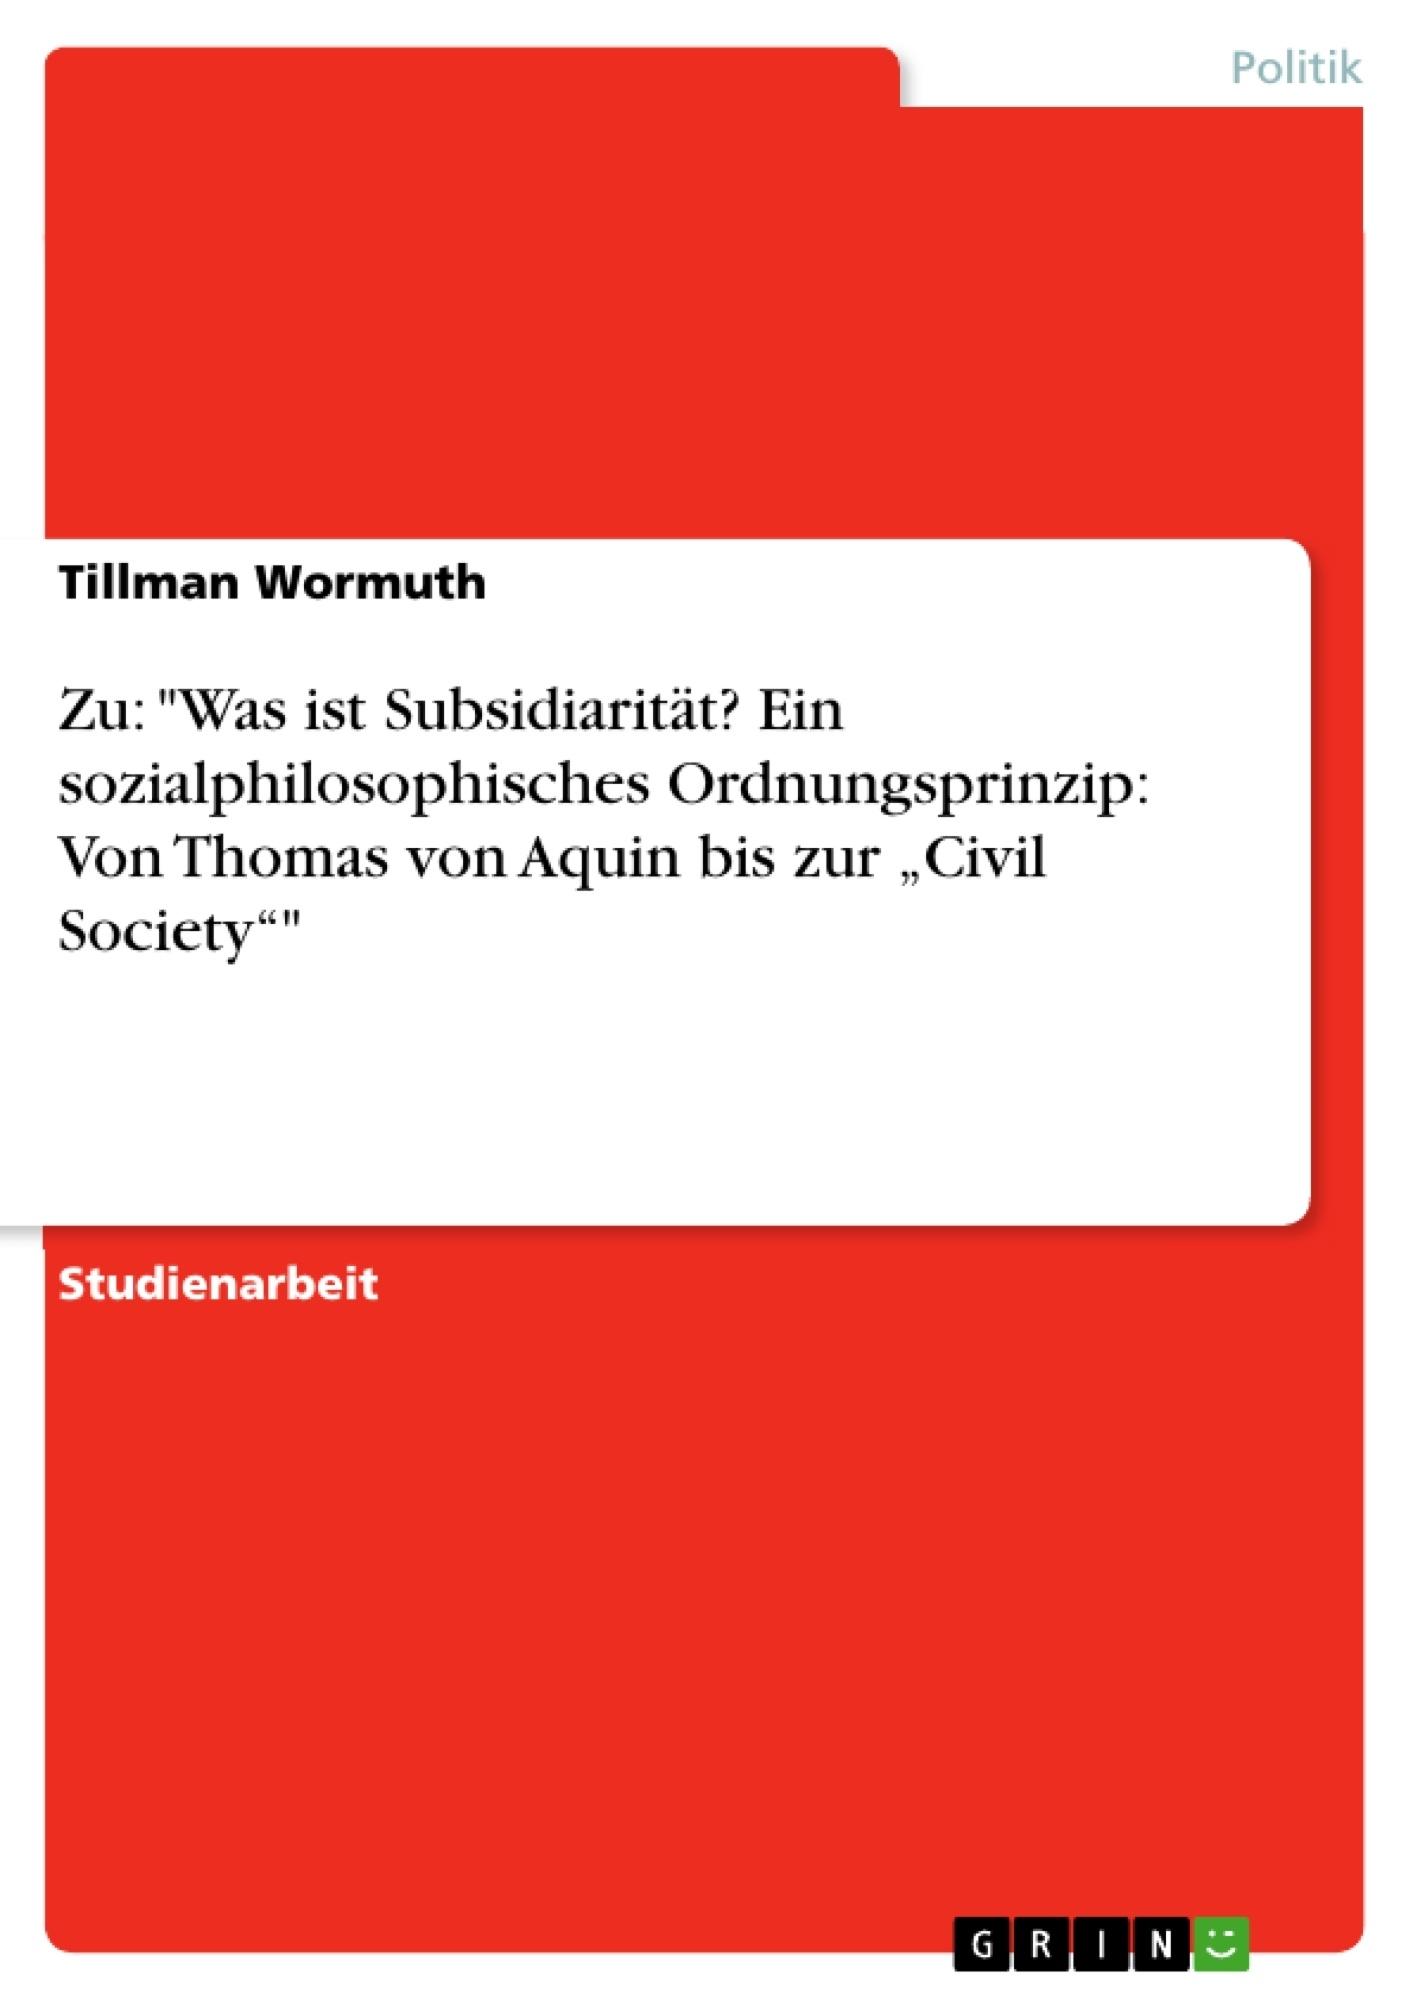 """Titel: Zu: """"Was ist Subsidiarität? Ein sozialphilosophisches Ordnungsprinzip: Von Thomas von Aquin bis zur """"Civil Society"""""""""""